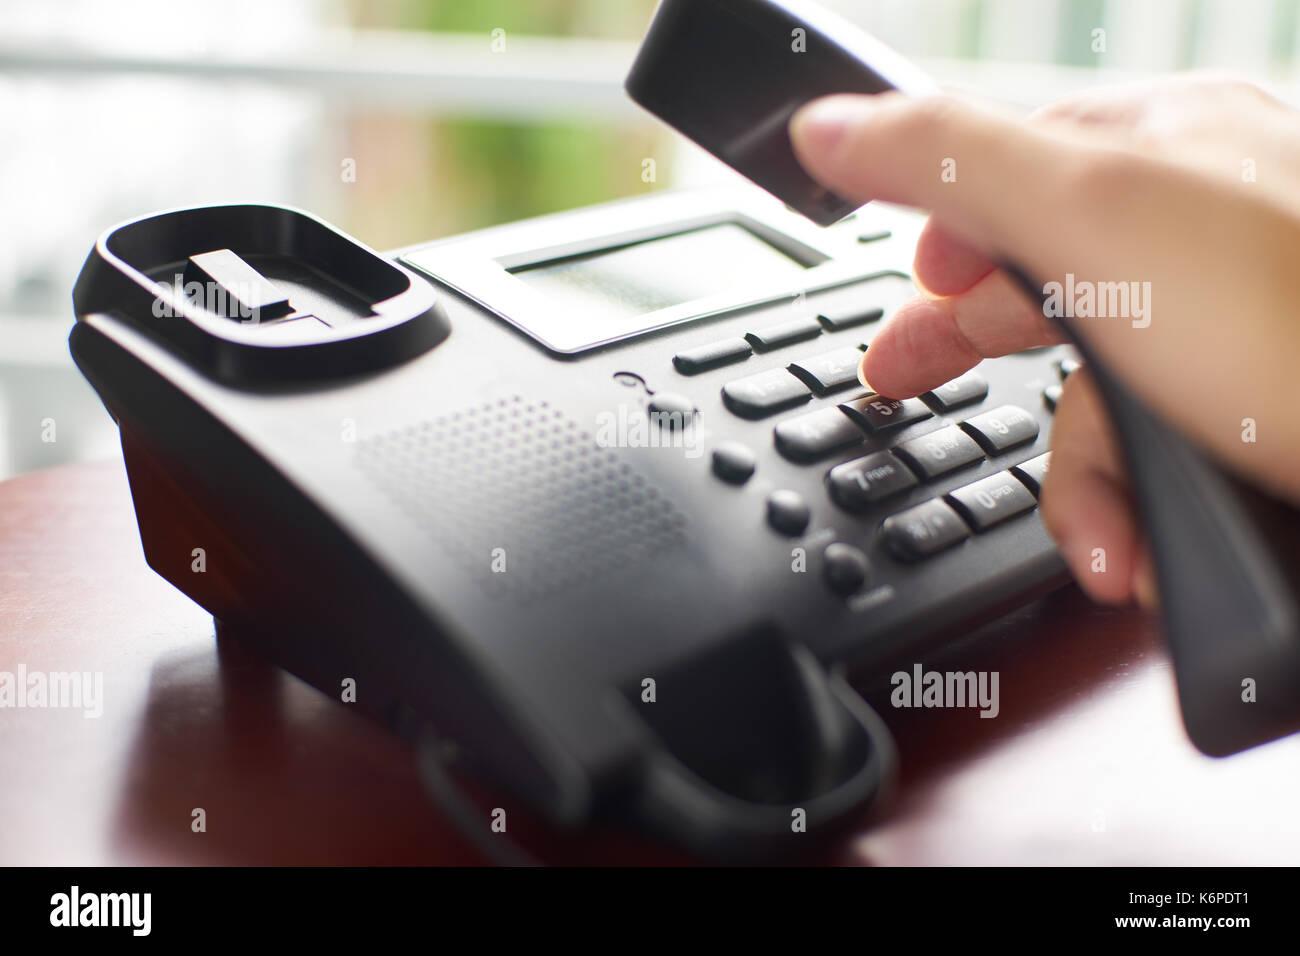 Telefon wählen, Kontakt und Service Konzept. Ausgewählte konzentrieren. Stockfoto